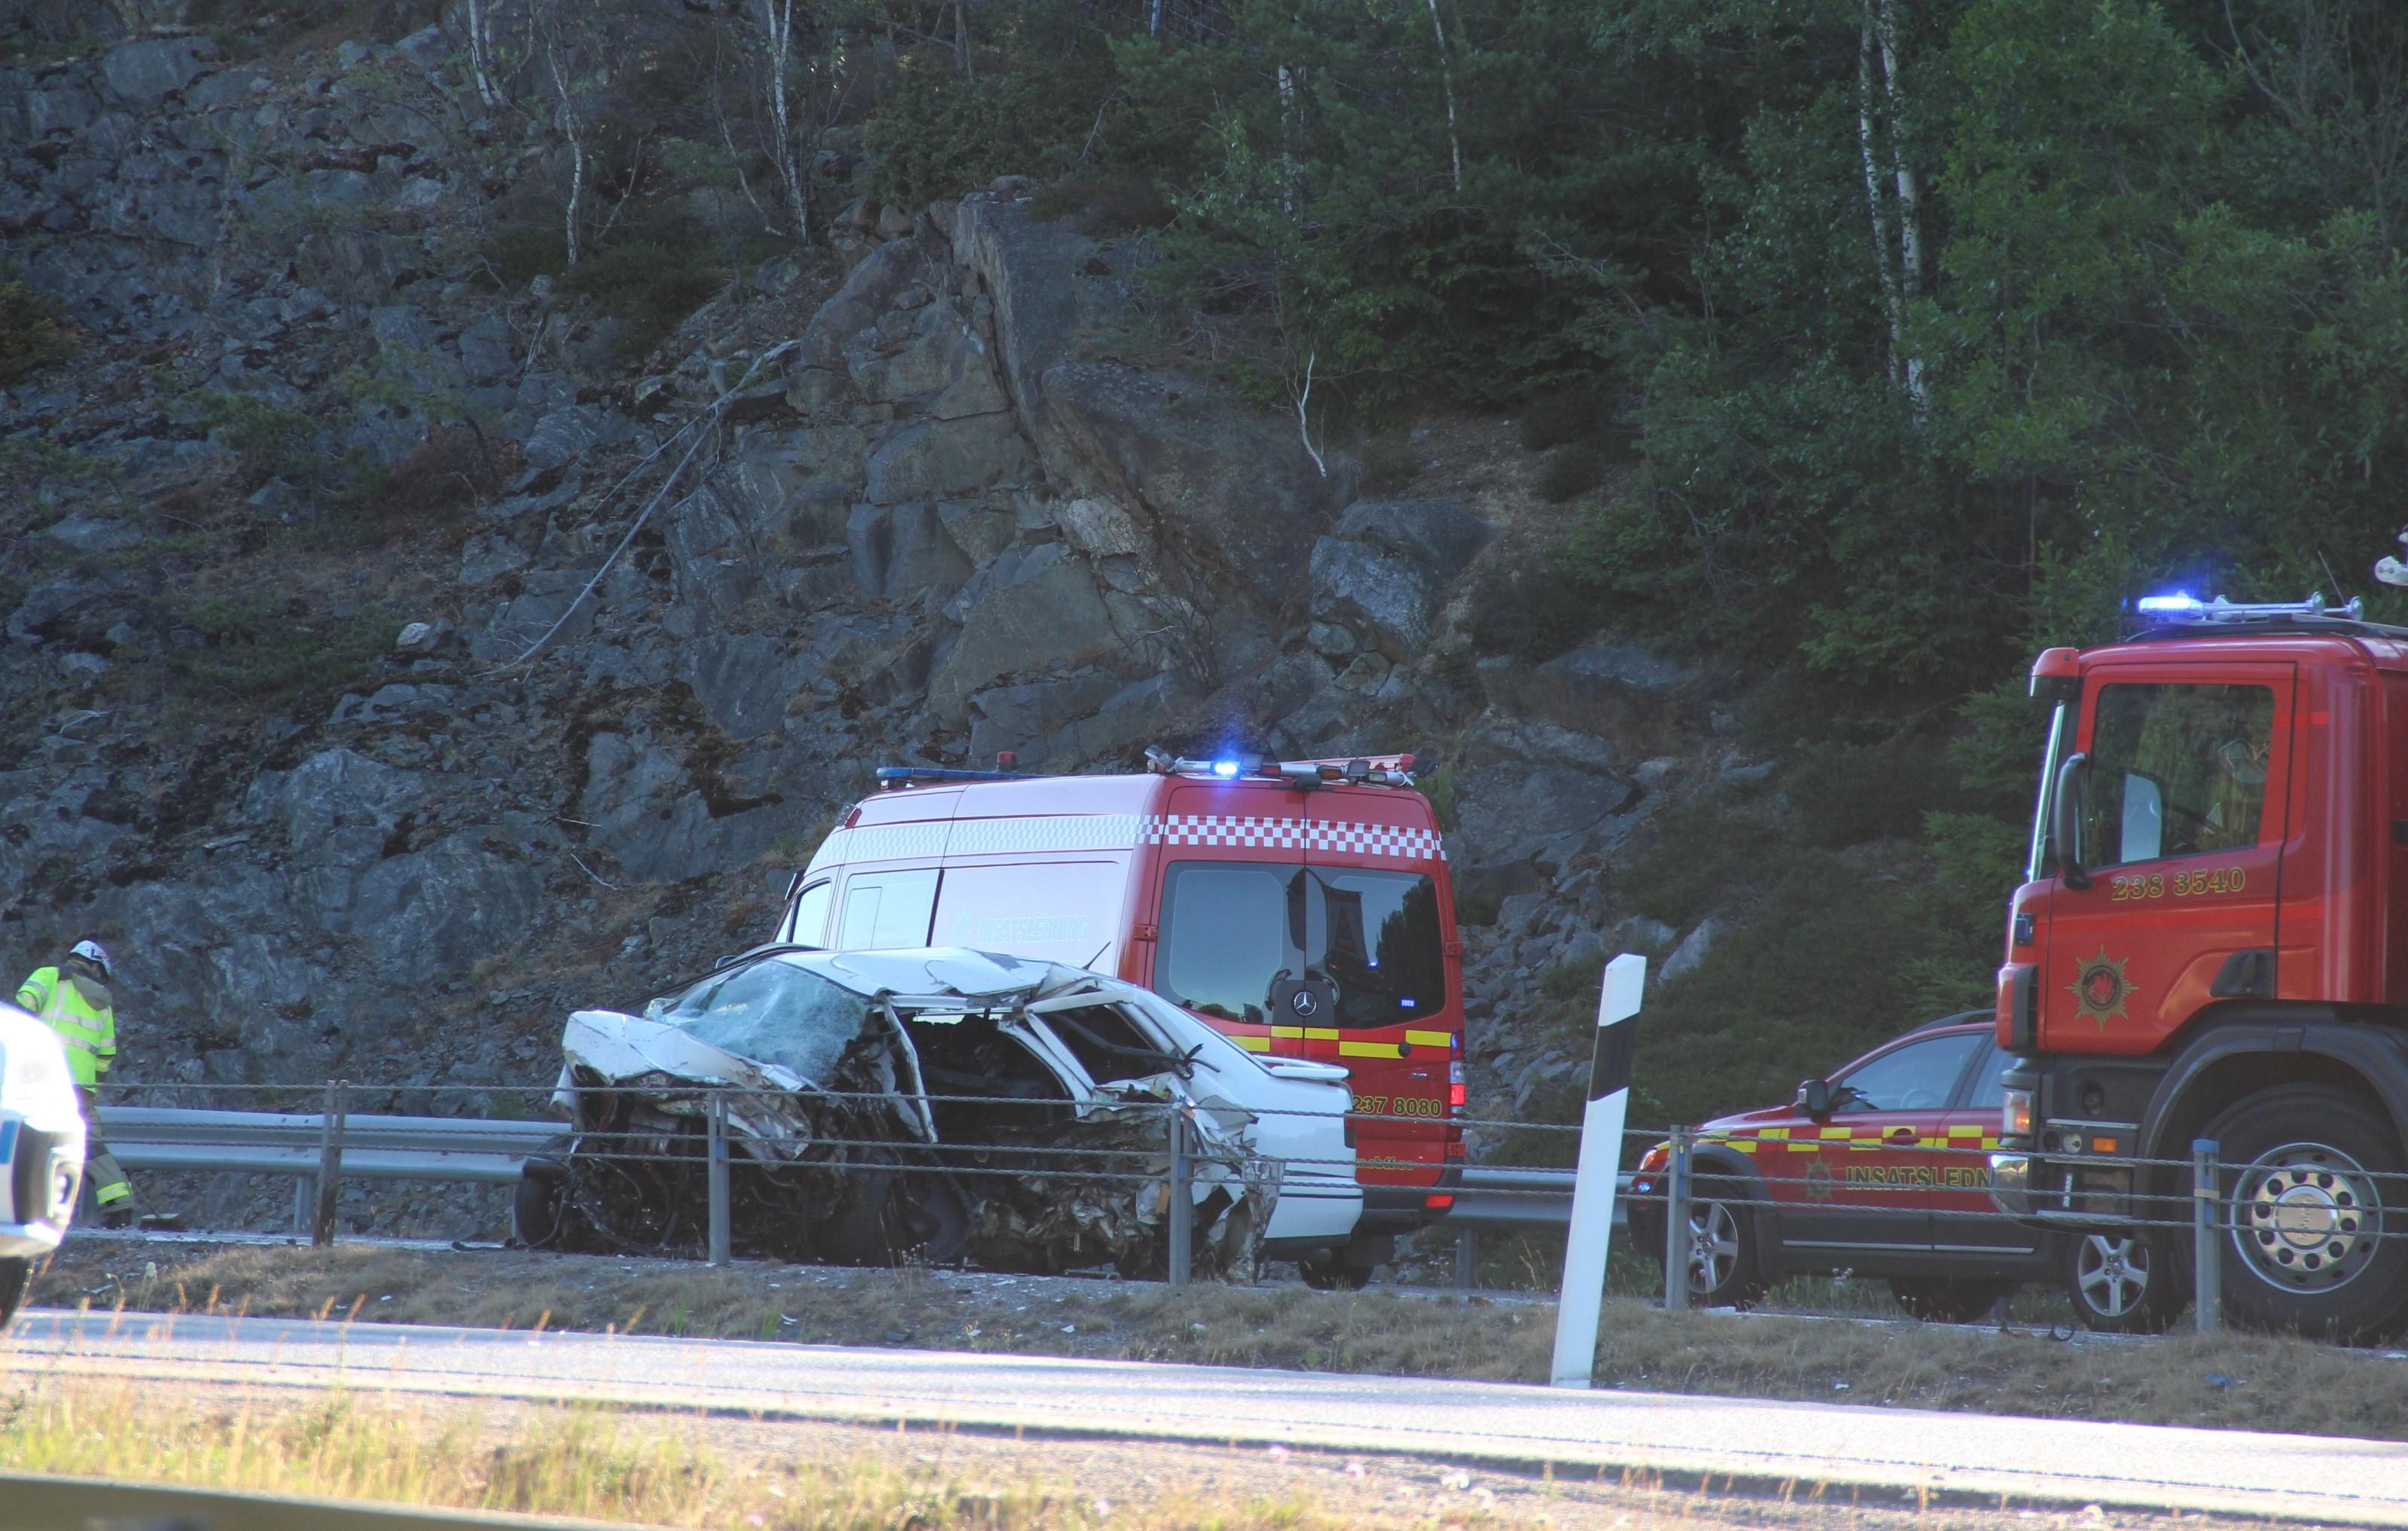 Fyra till sjukhus efter olycka en allvarligt skadad